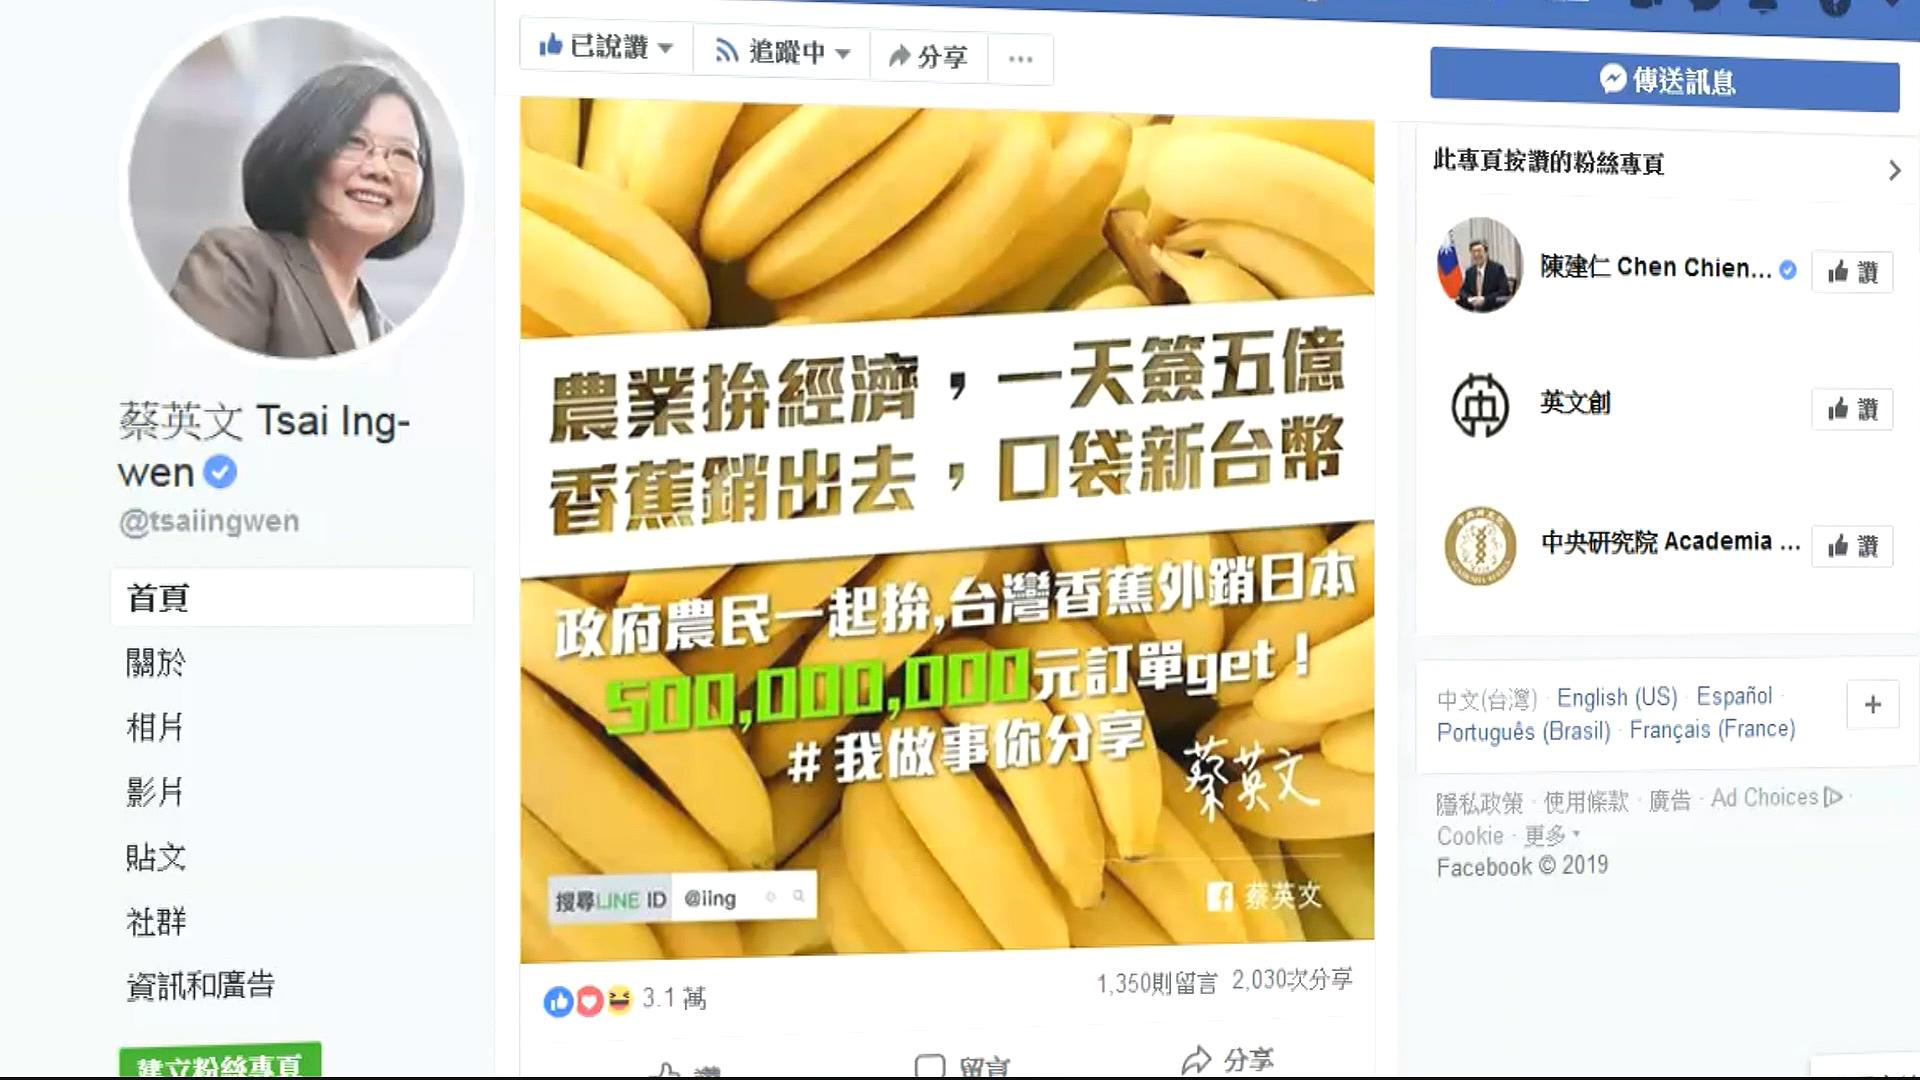 圖/翻攝自蔡英文臉書 拚韓?賣5億香蕉 總統也喊:貨出去錢進來